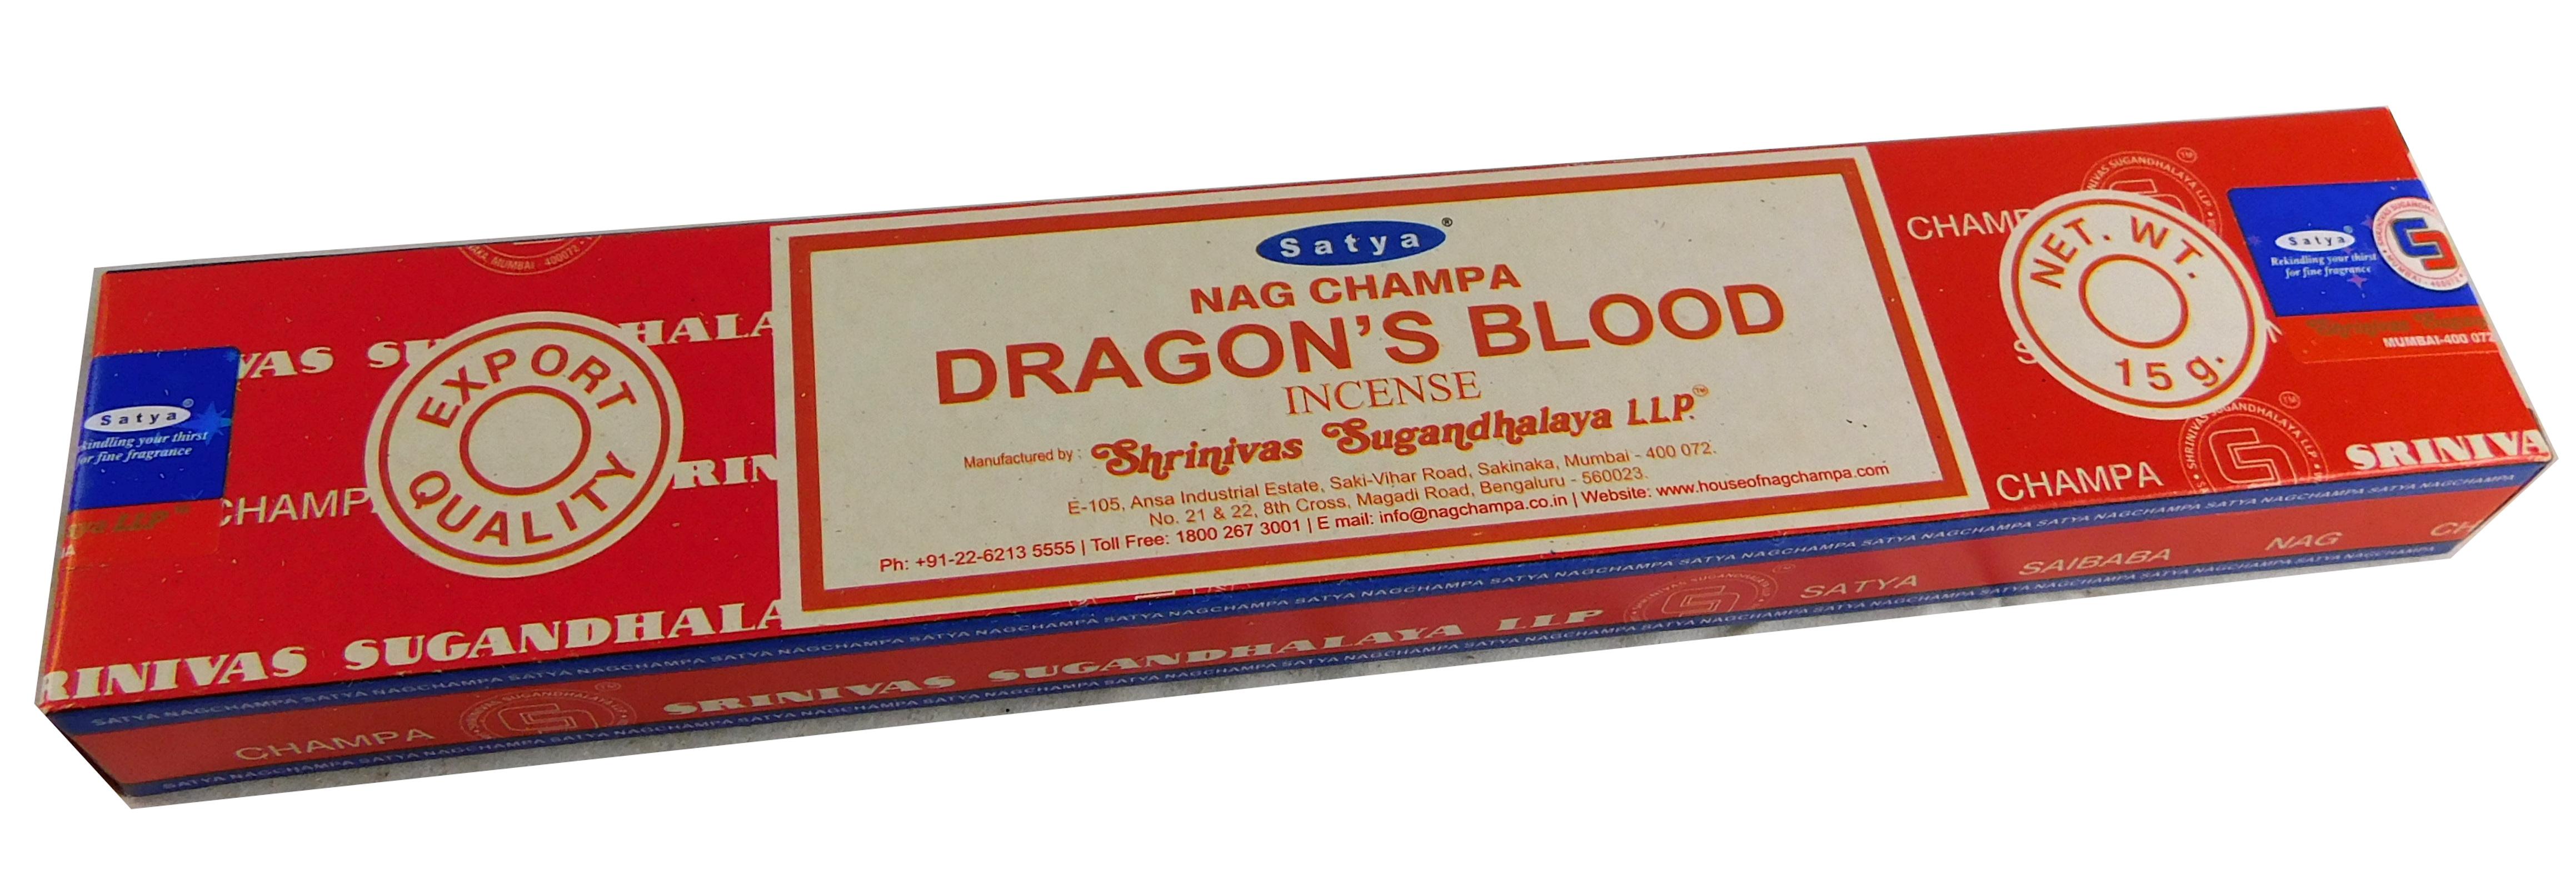 Räucherstäbchen Dragon´s Blood von Satya 15g Packung. Ca. 15 Incence Sticks